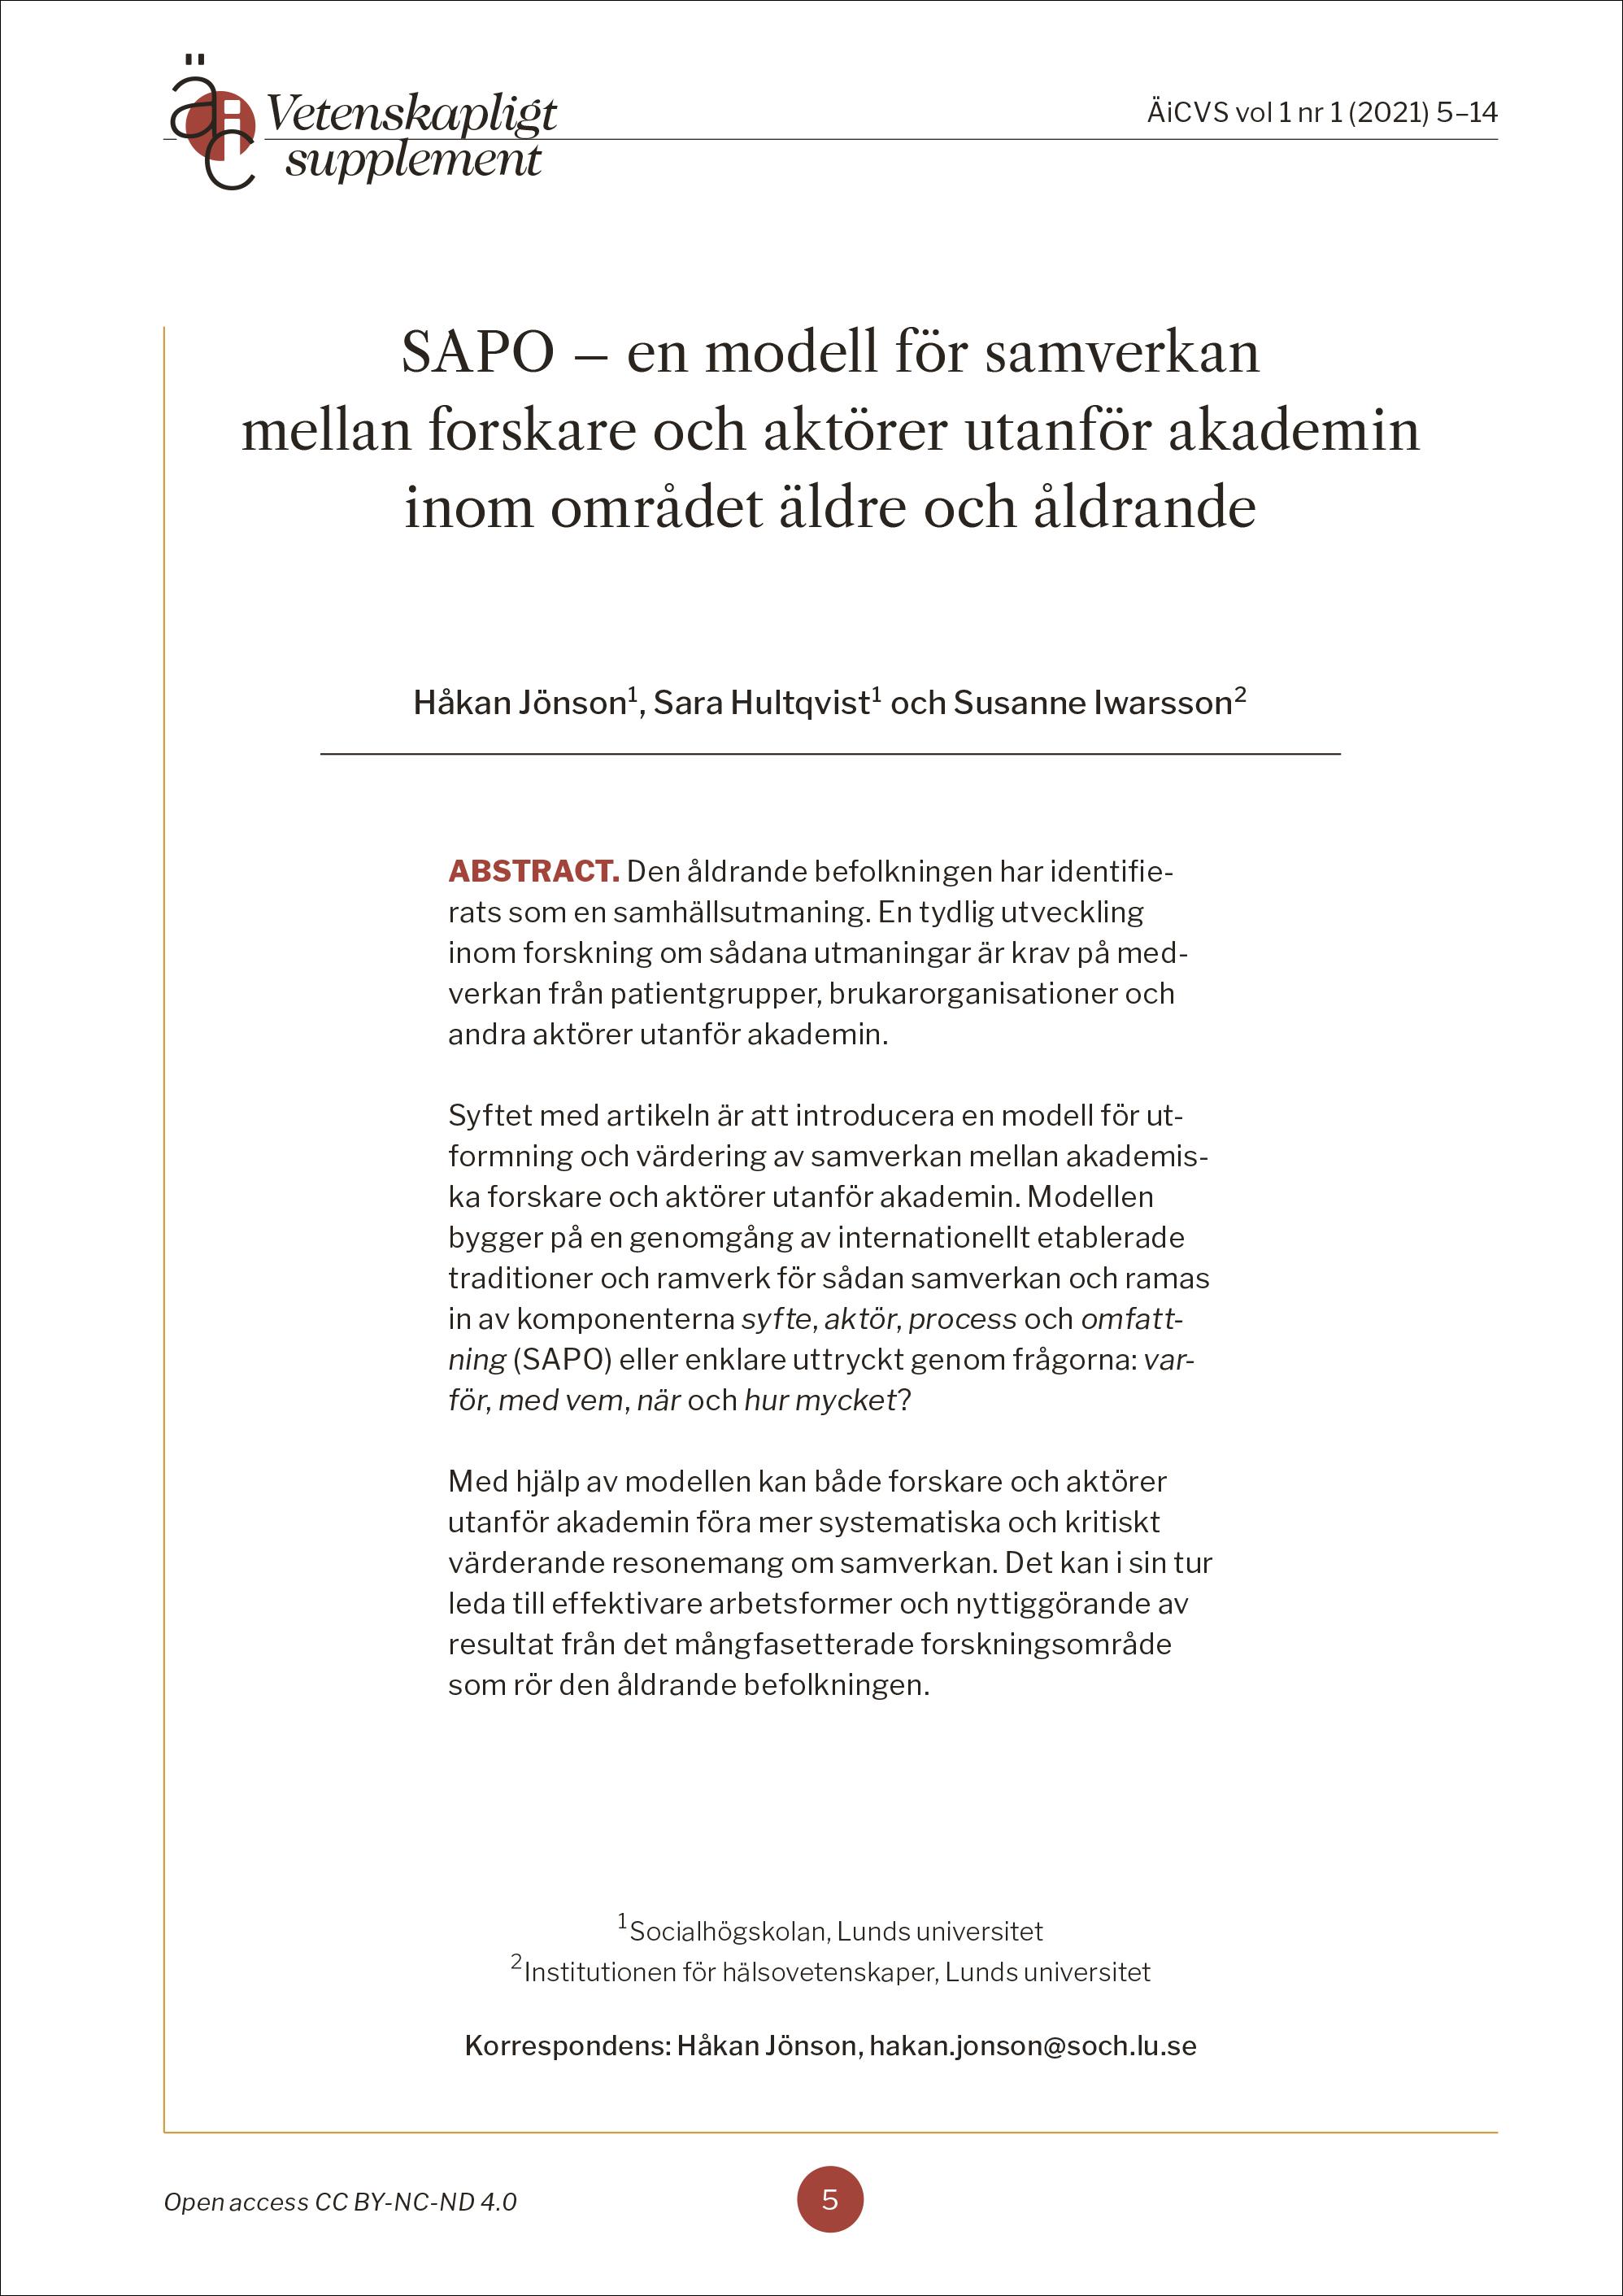 Titelsida för artikel Jönson m fl